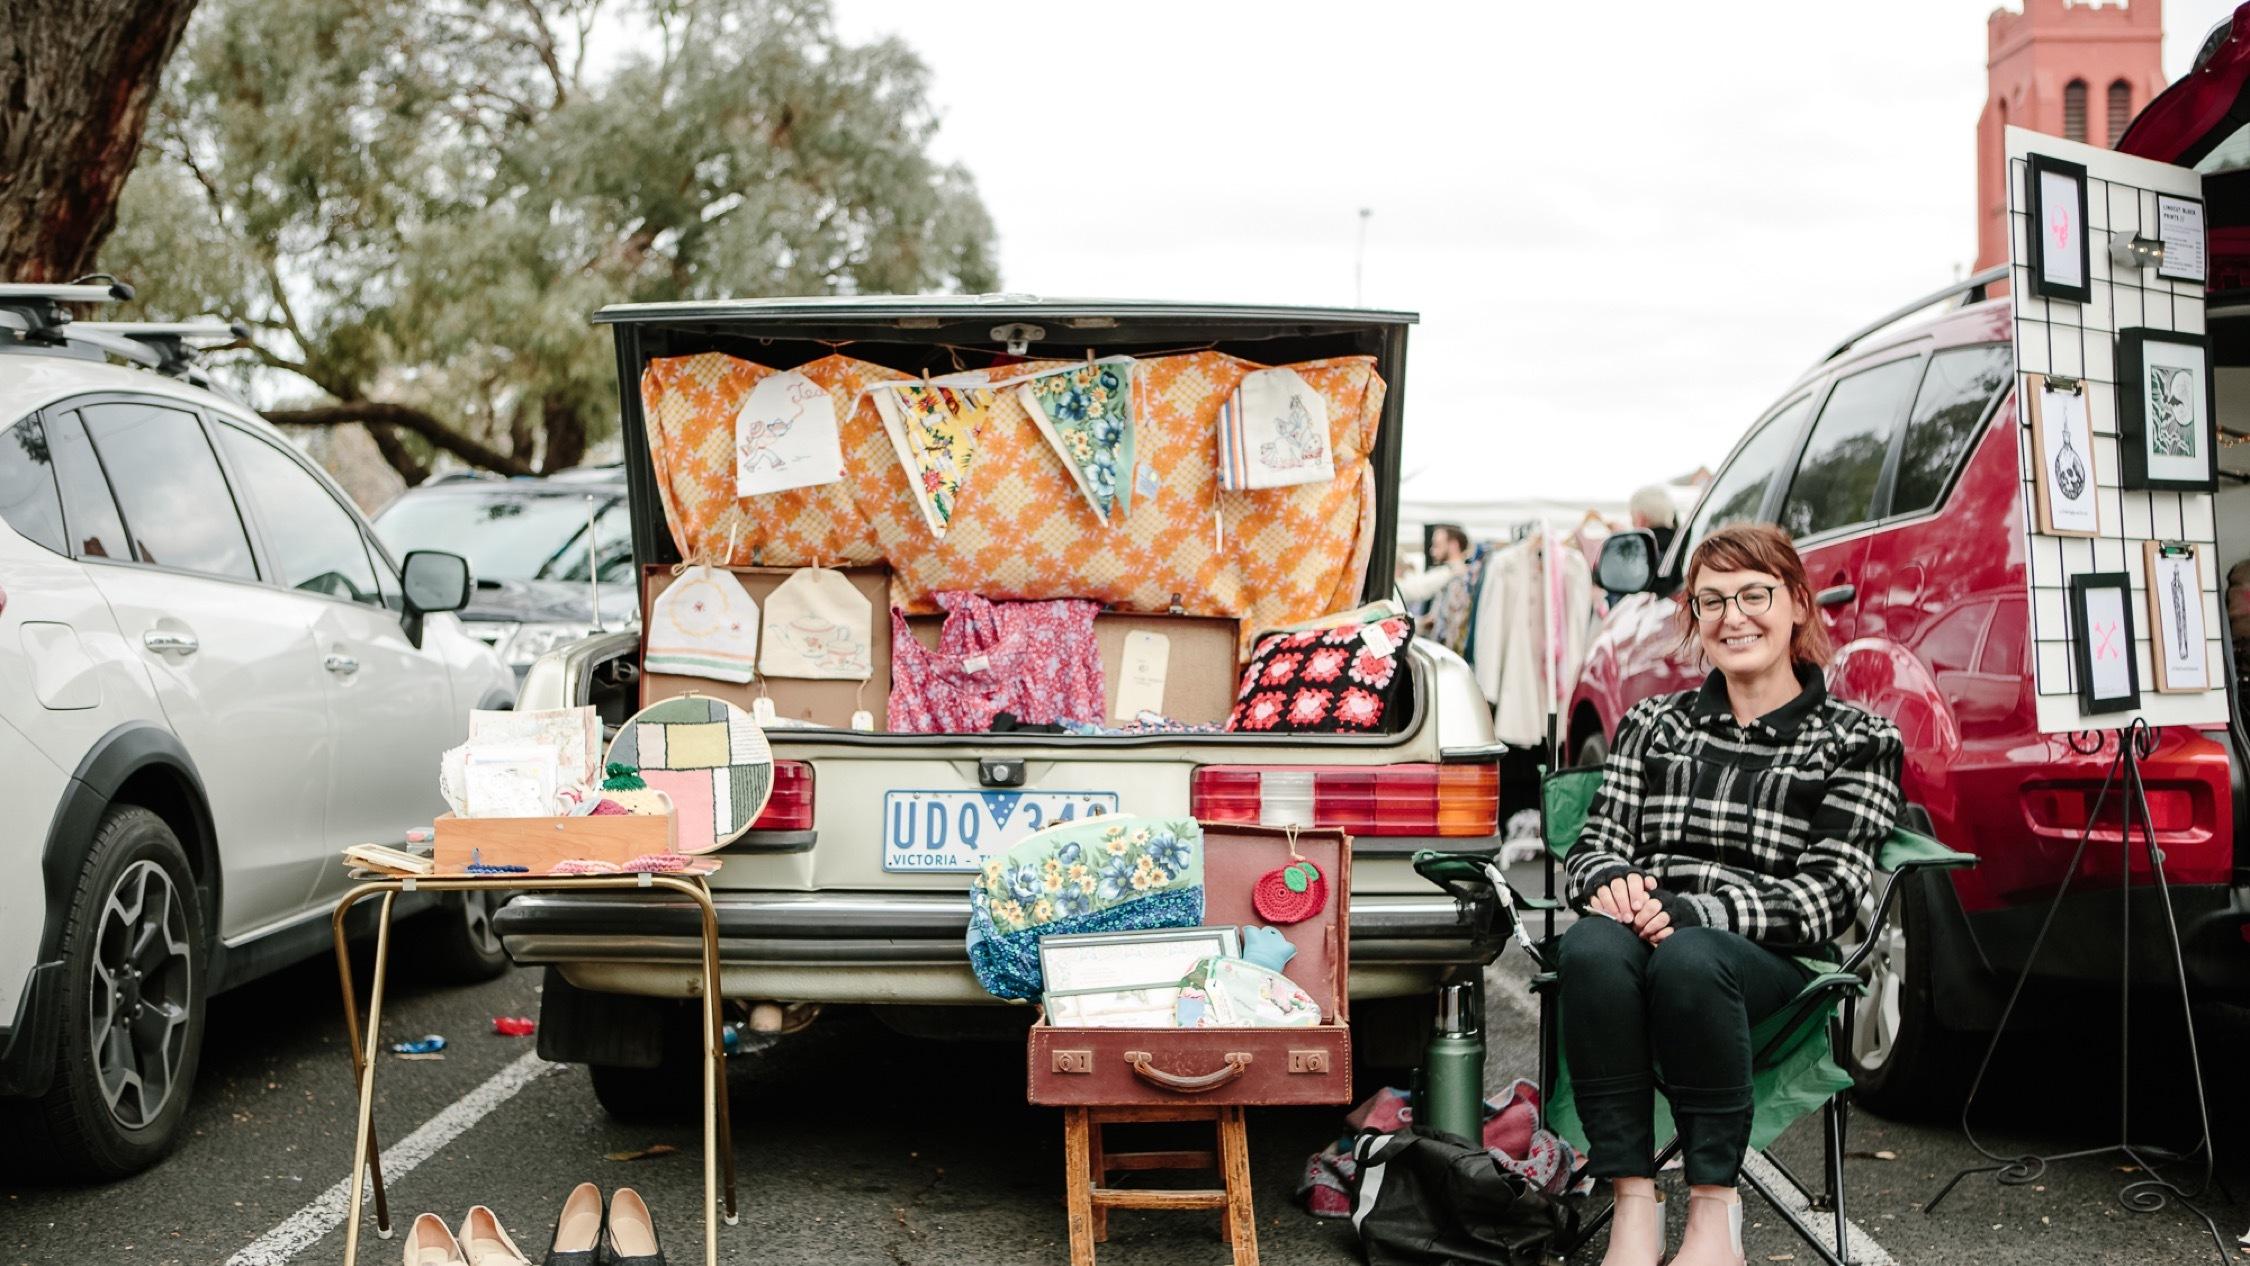 Footscray Finds - Những sự kiện miễn phí ở Melbourne trong tháng 5